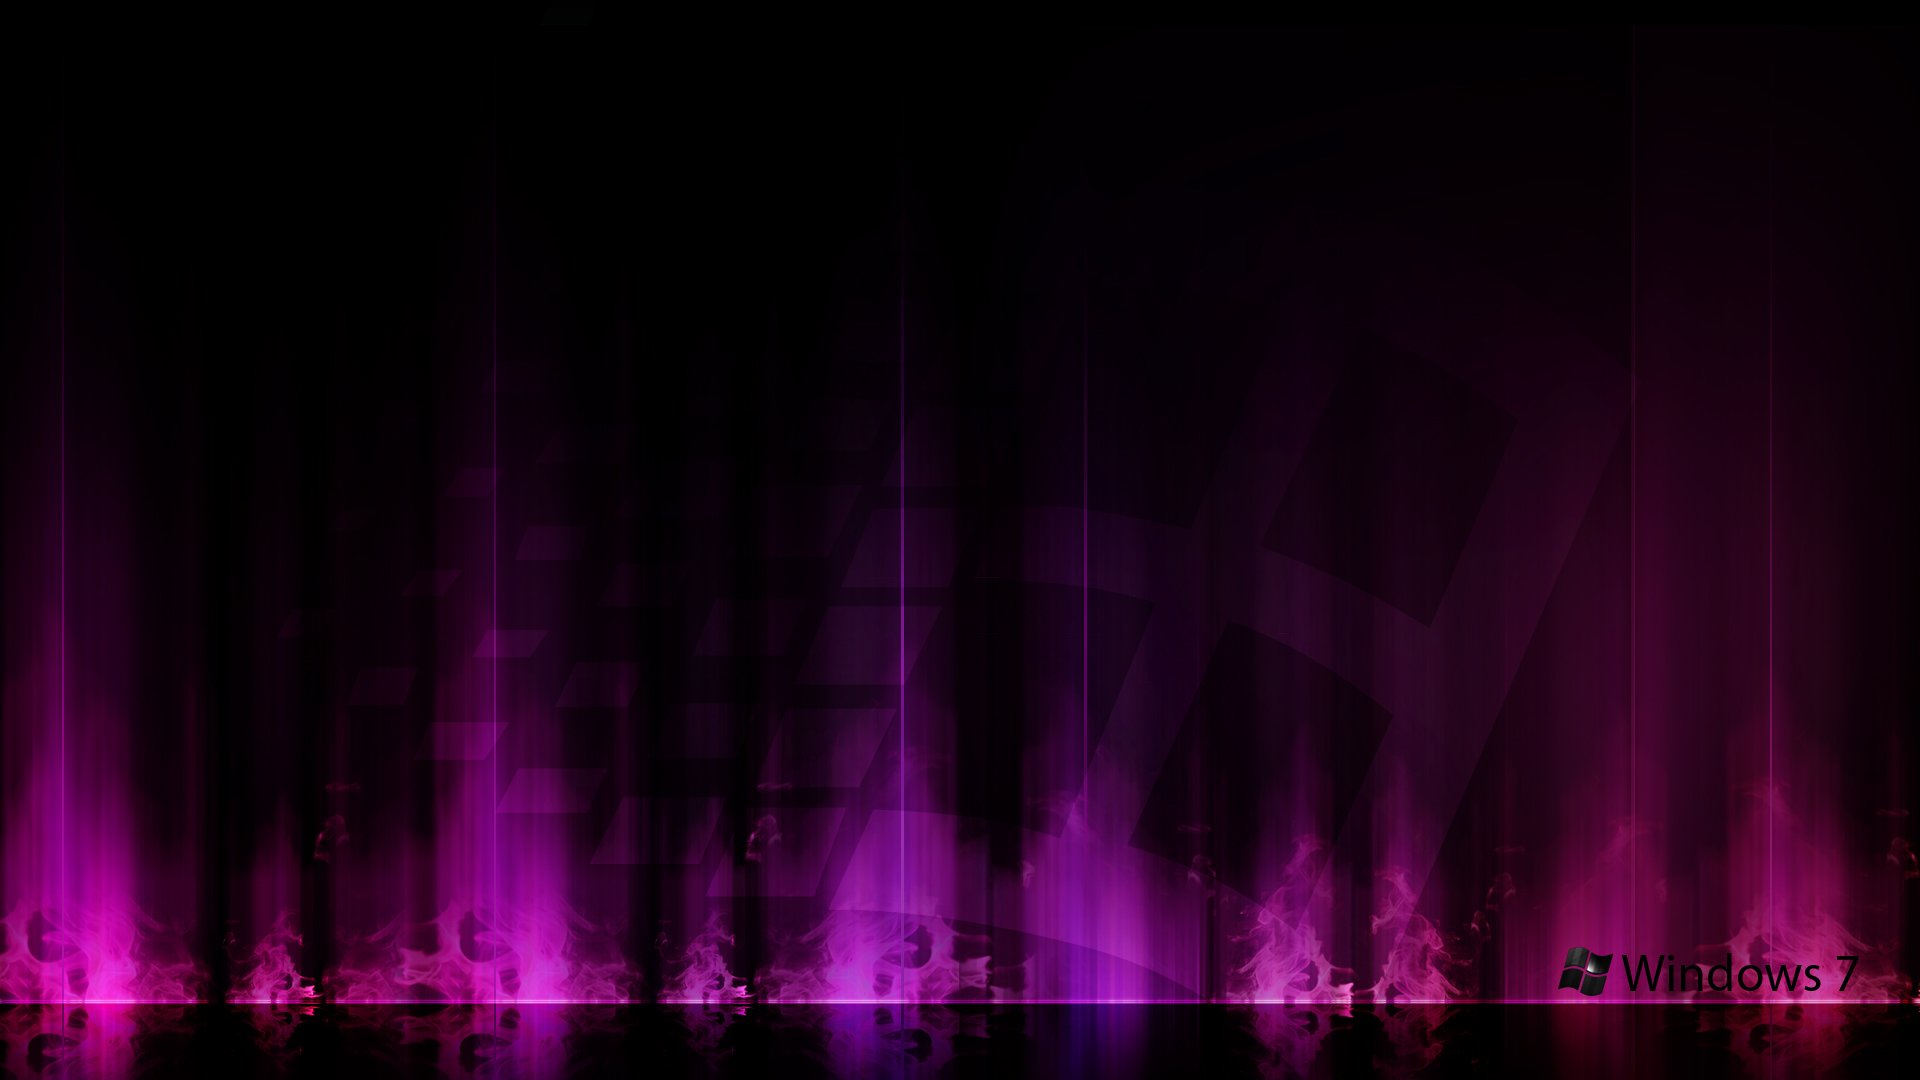 aurora purple windows wallpaper wallpapers walls 1920x1080 1920x1080